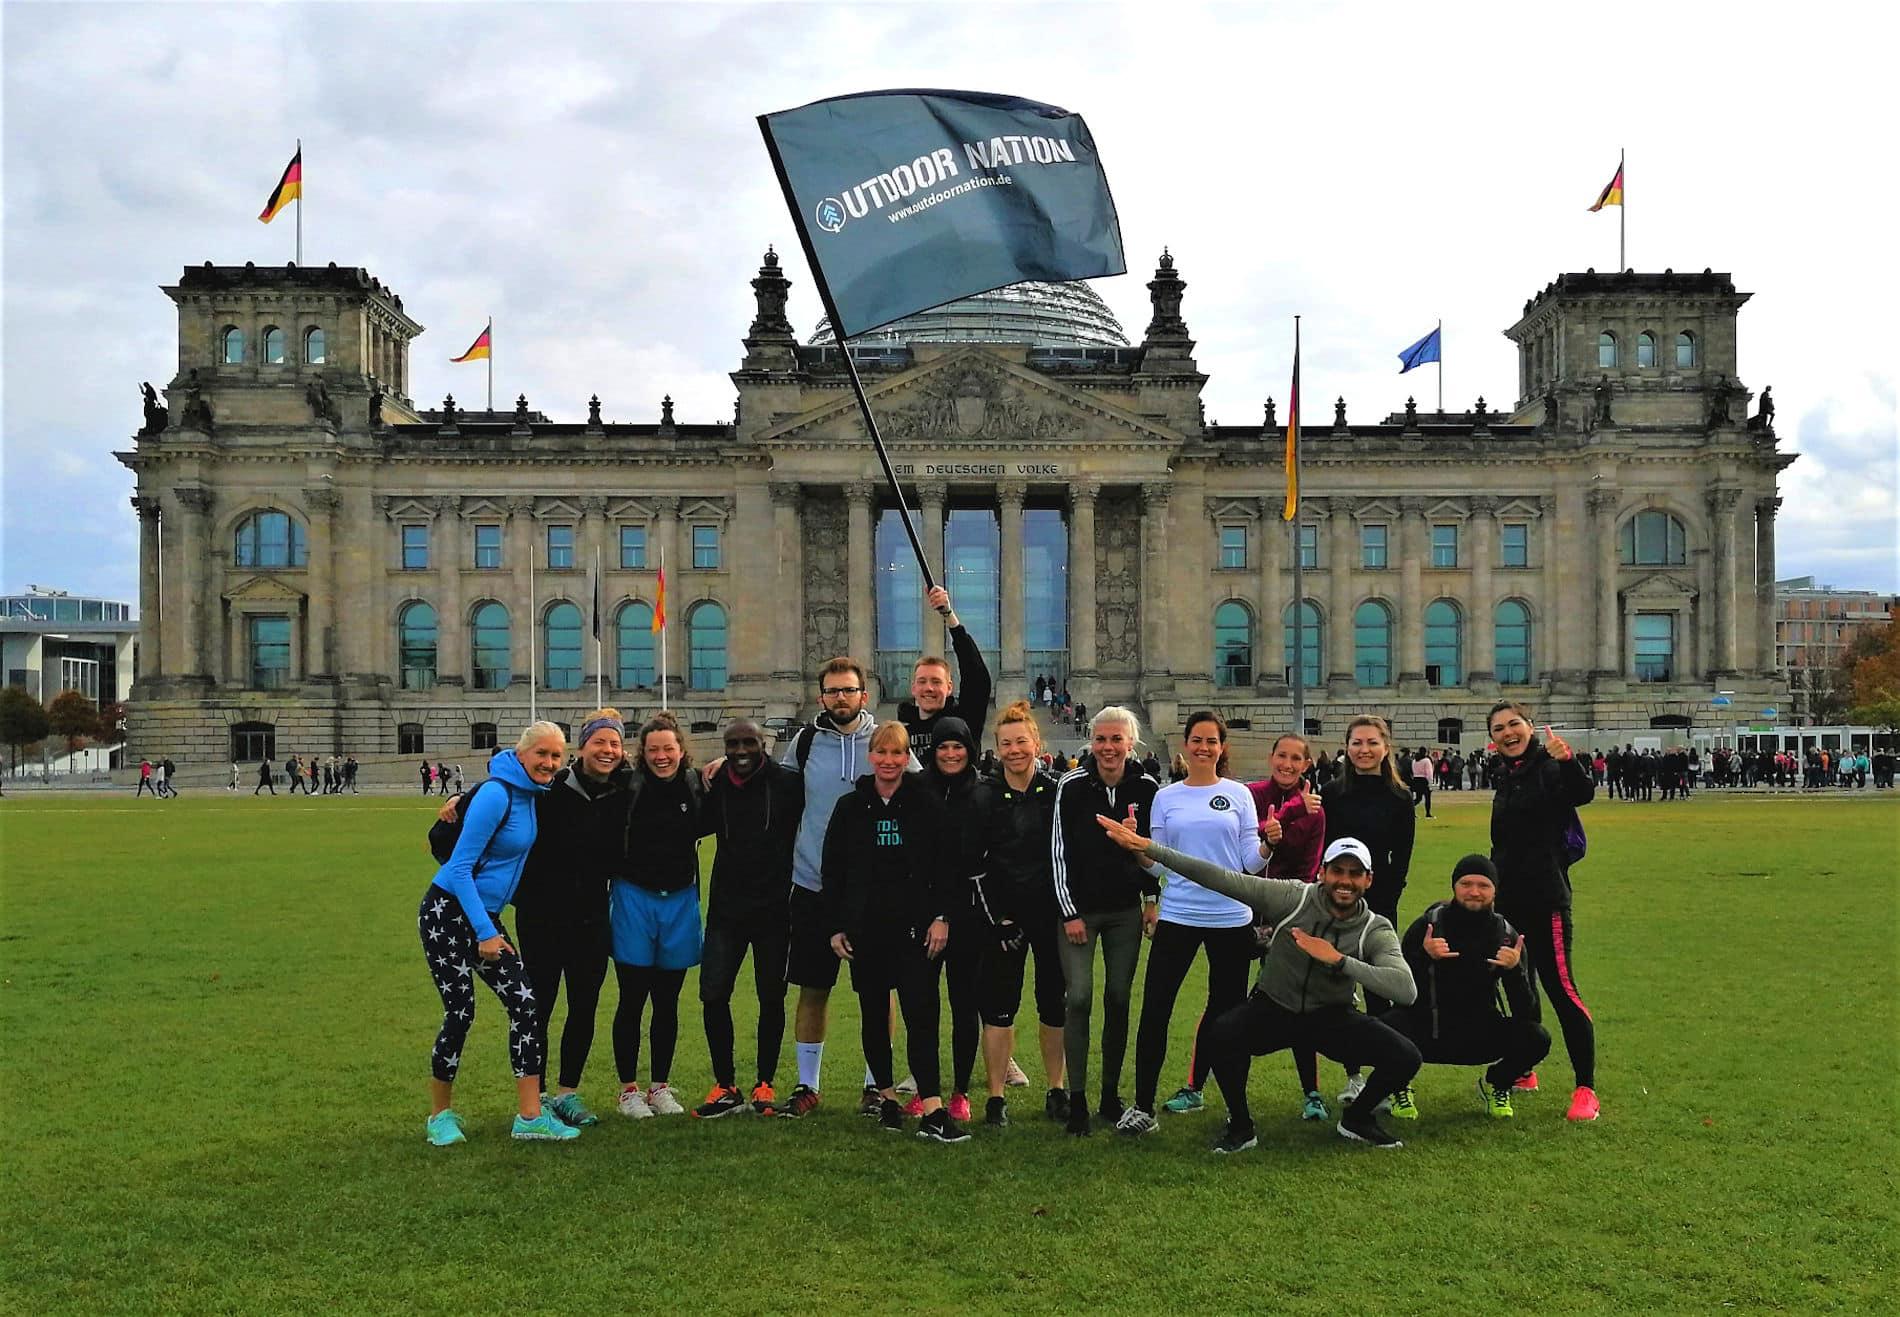 outdoor nation berlin x brandenburg sightseeing workout